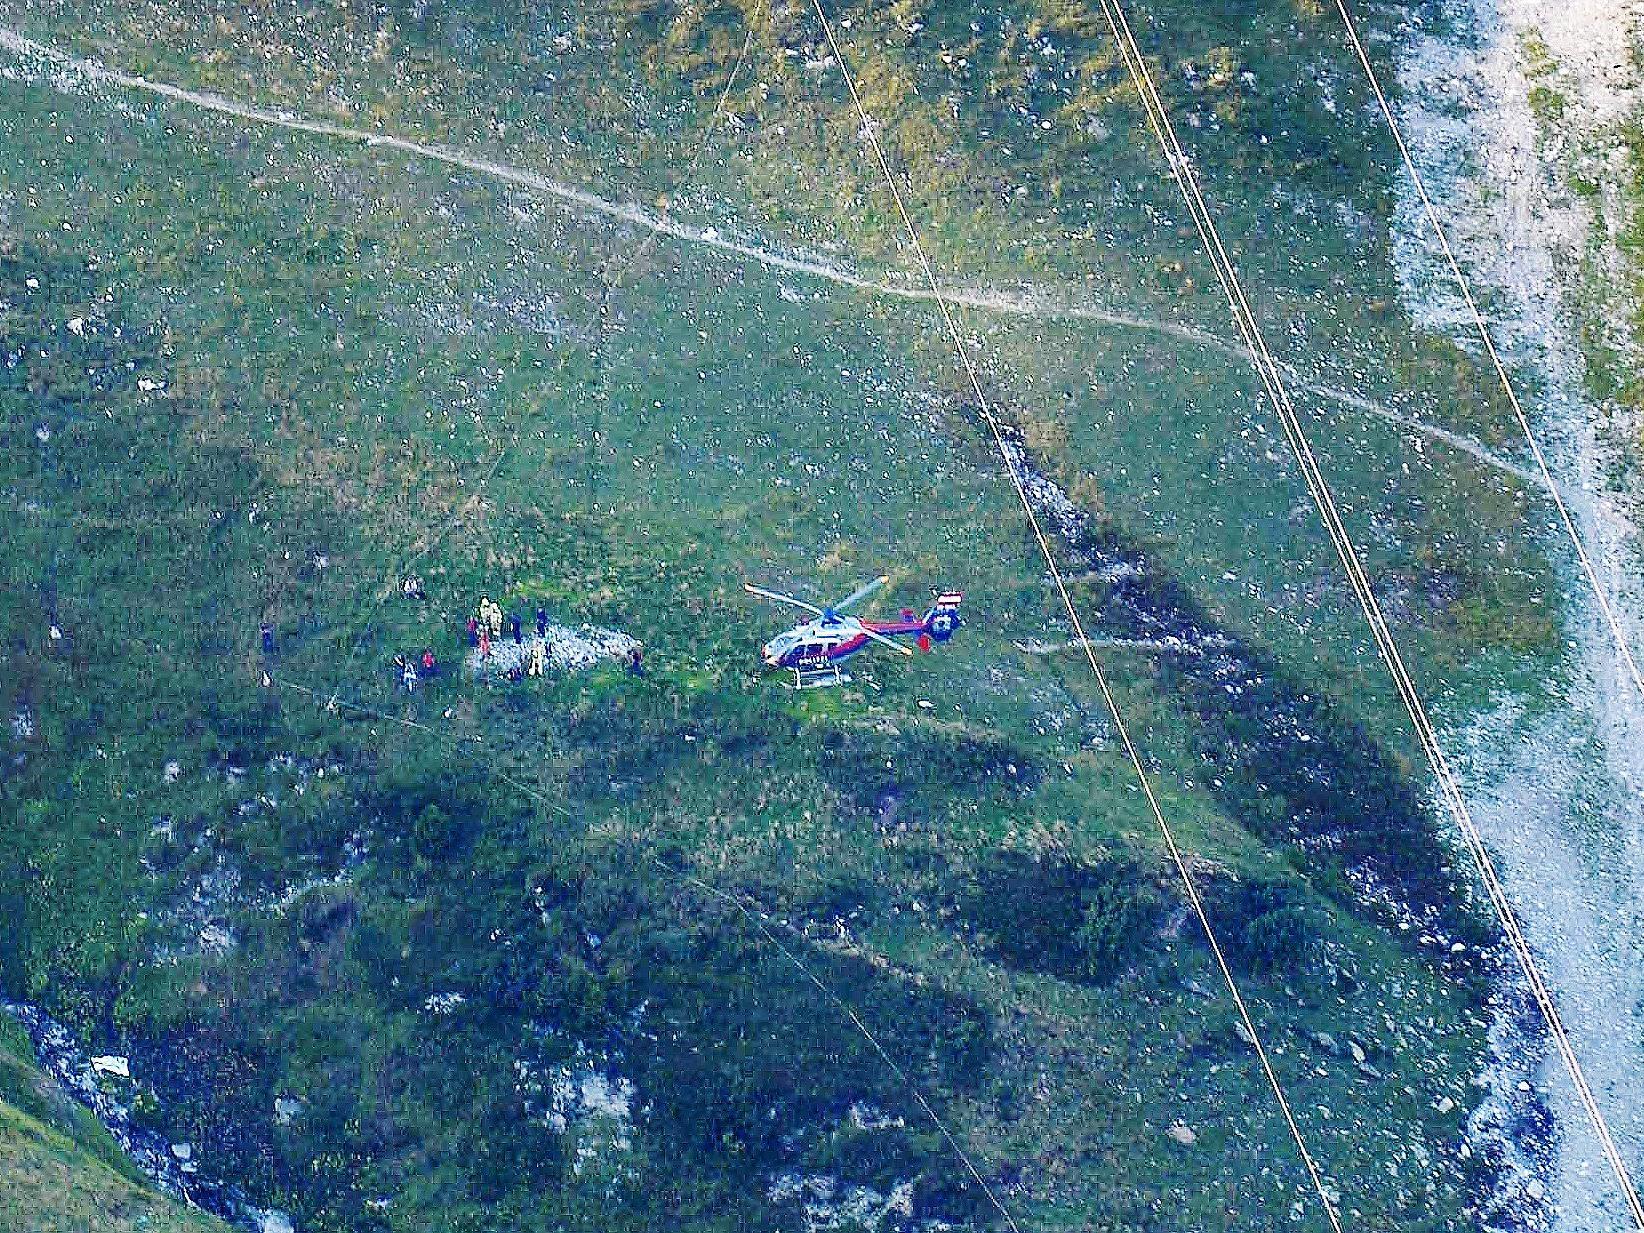 Flieger kollidierte mit Tragseil von Bergbahn.